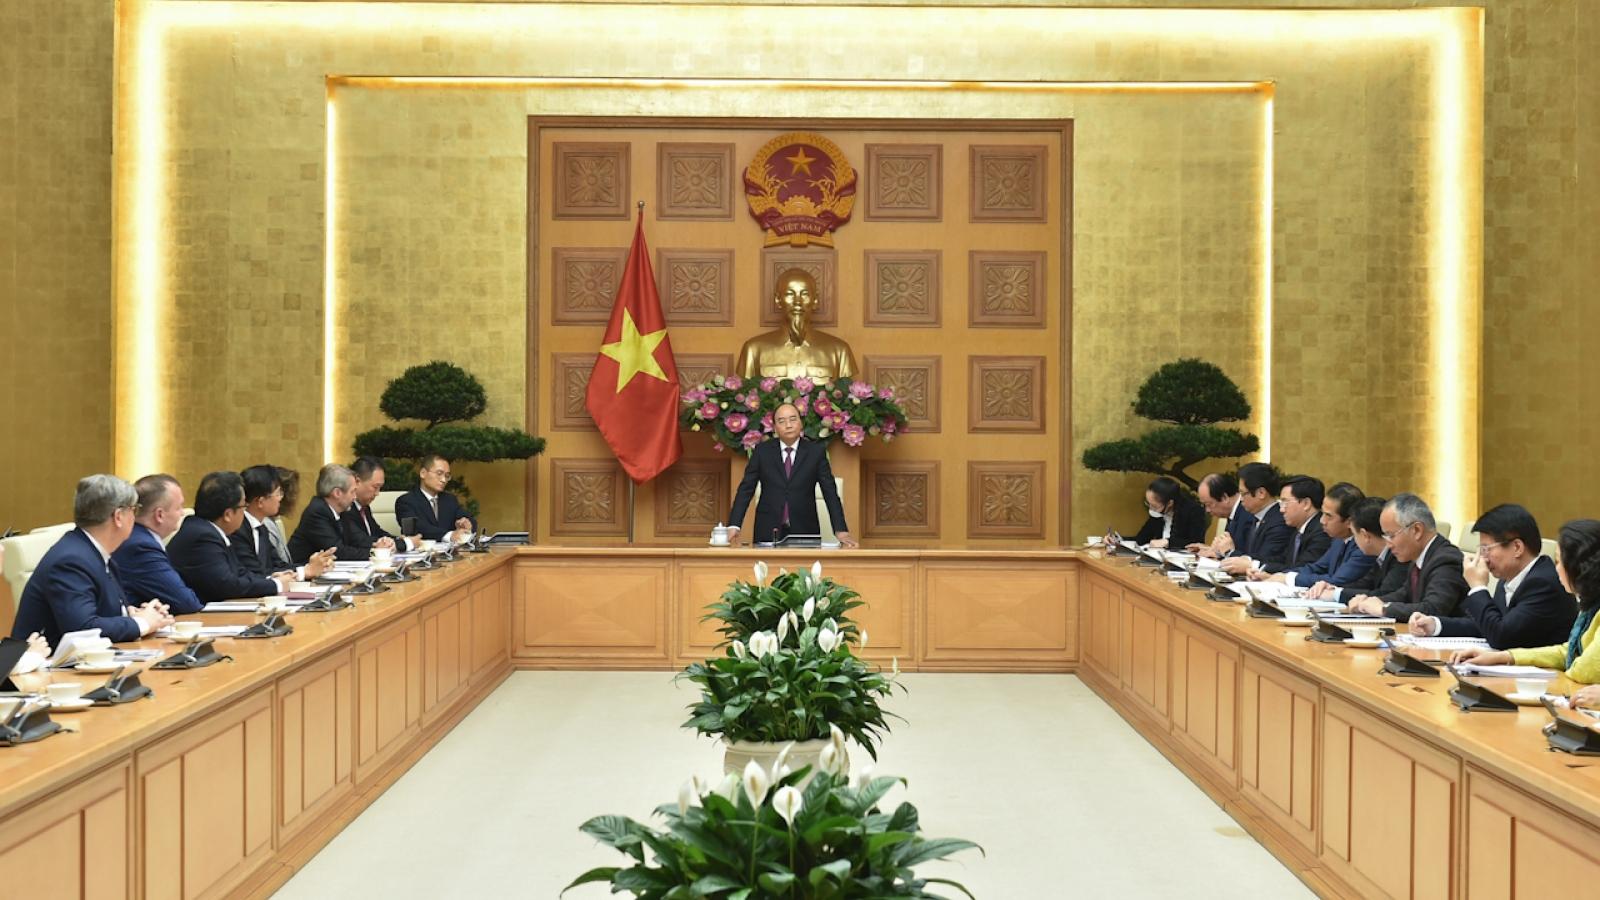 Thủ tướng gặp gỡ đại diện các hiệp hội doanh nghiệp thuộc VBF